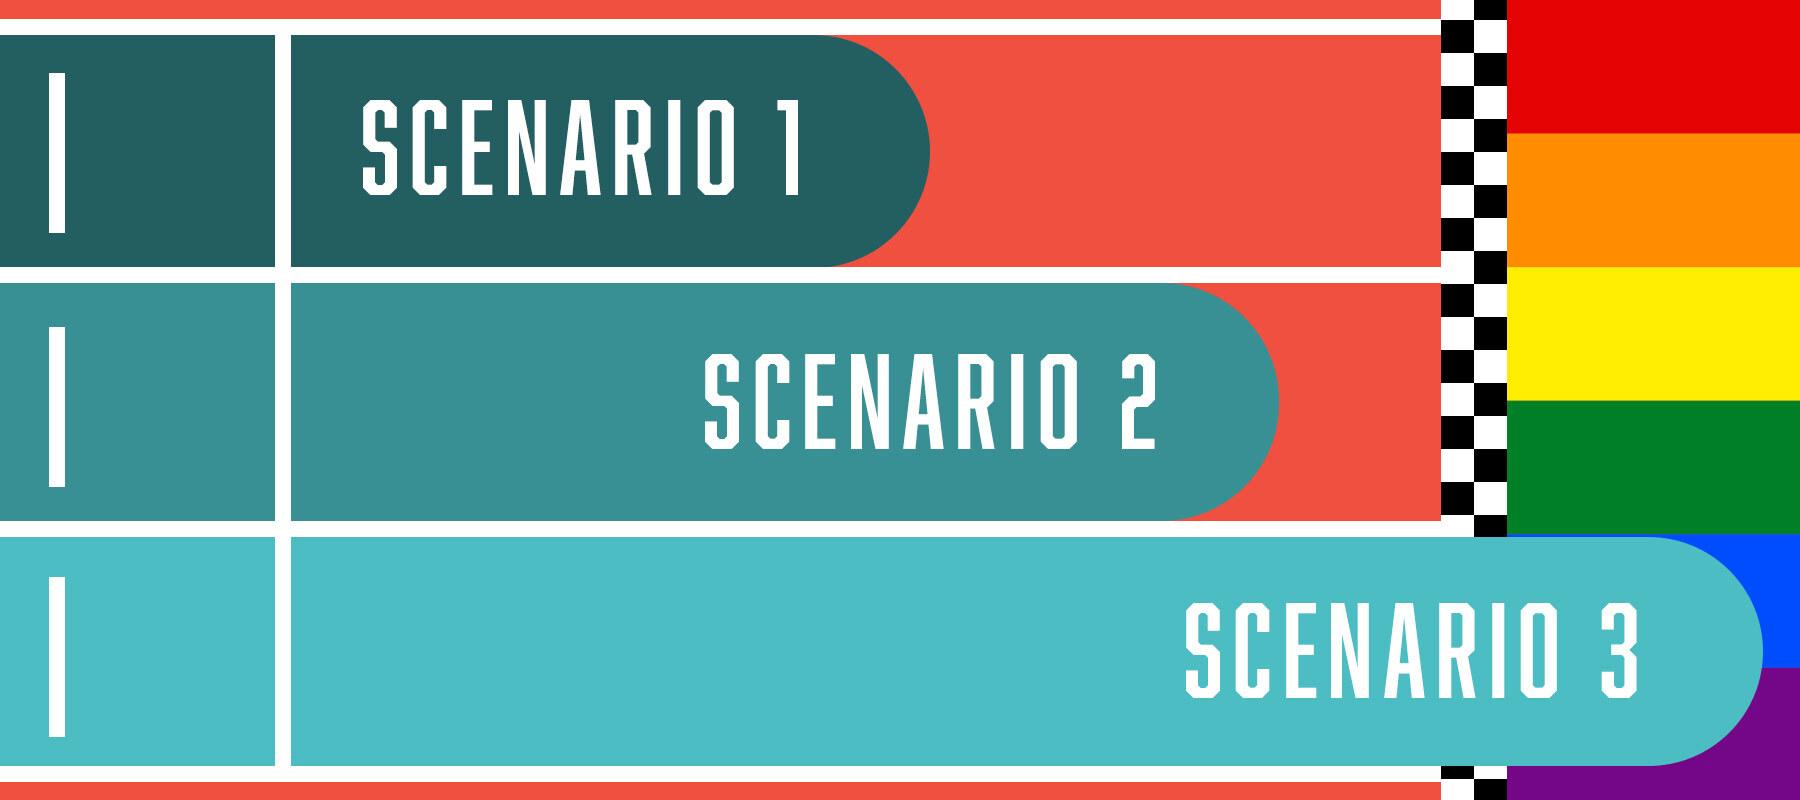 plan_pride_2021-scenario3-v01